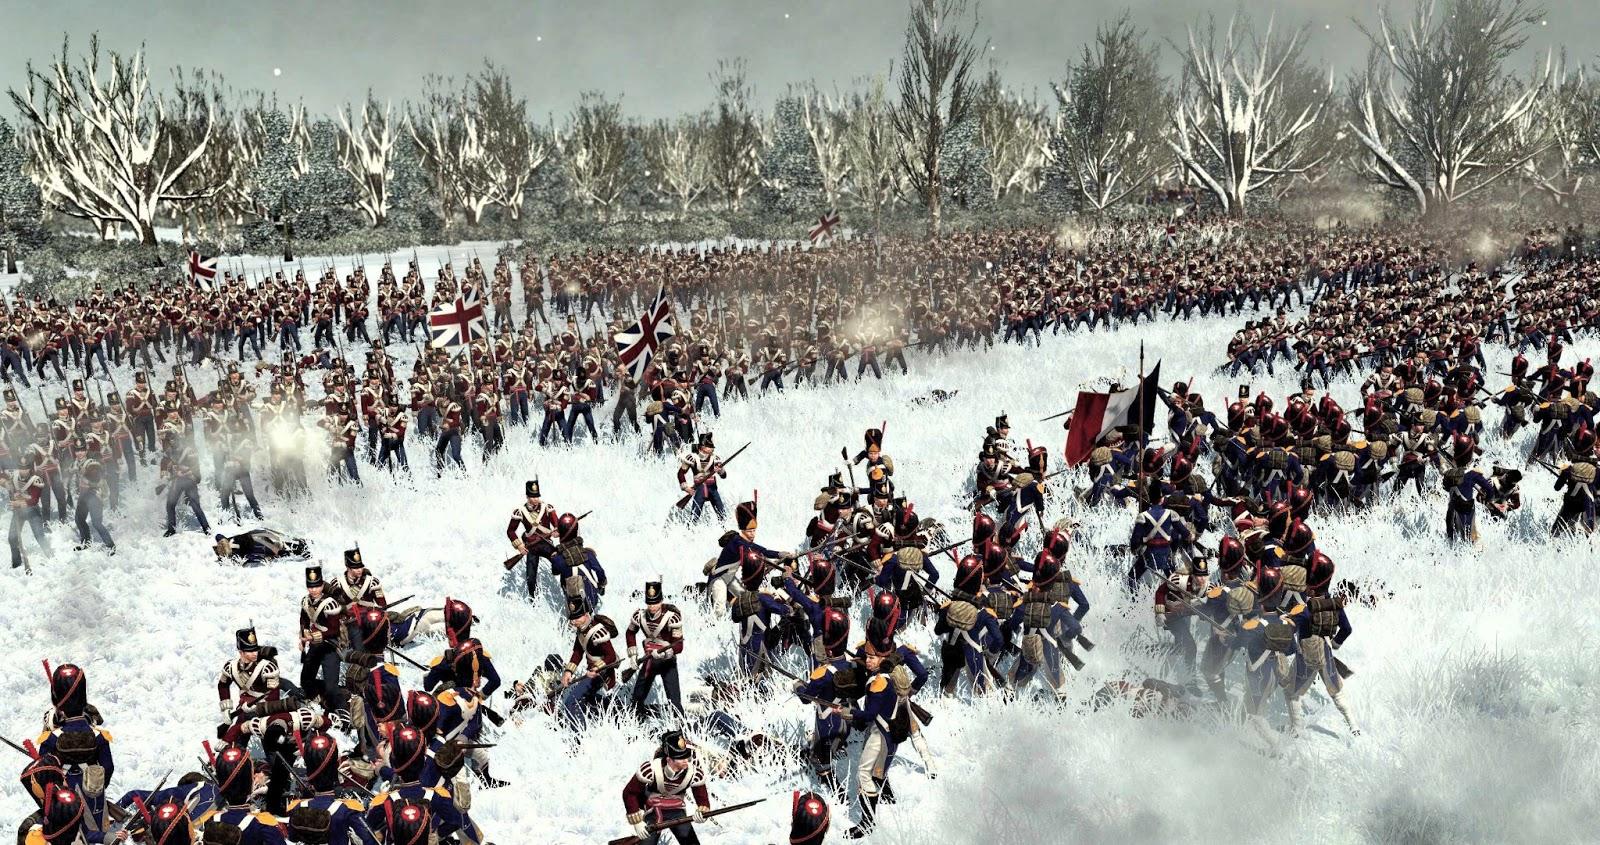 napoleonic wars Mount & blade warband: napoleonic wars para pc todas las noticias, videos gameplay, imágenes, fecha de lanzamiento, análisis, opiniones, guías y trucos sobre.